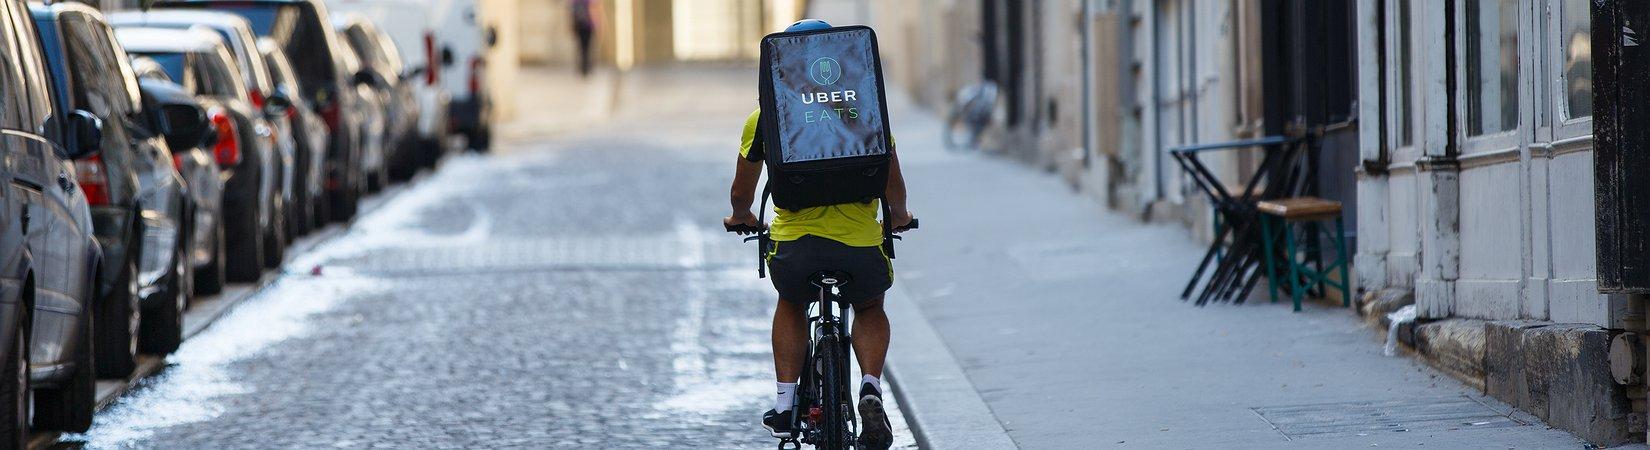 SoftBank planea comprar una participación del 14% en Uber